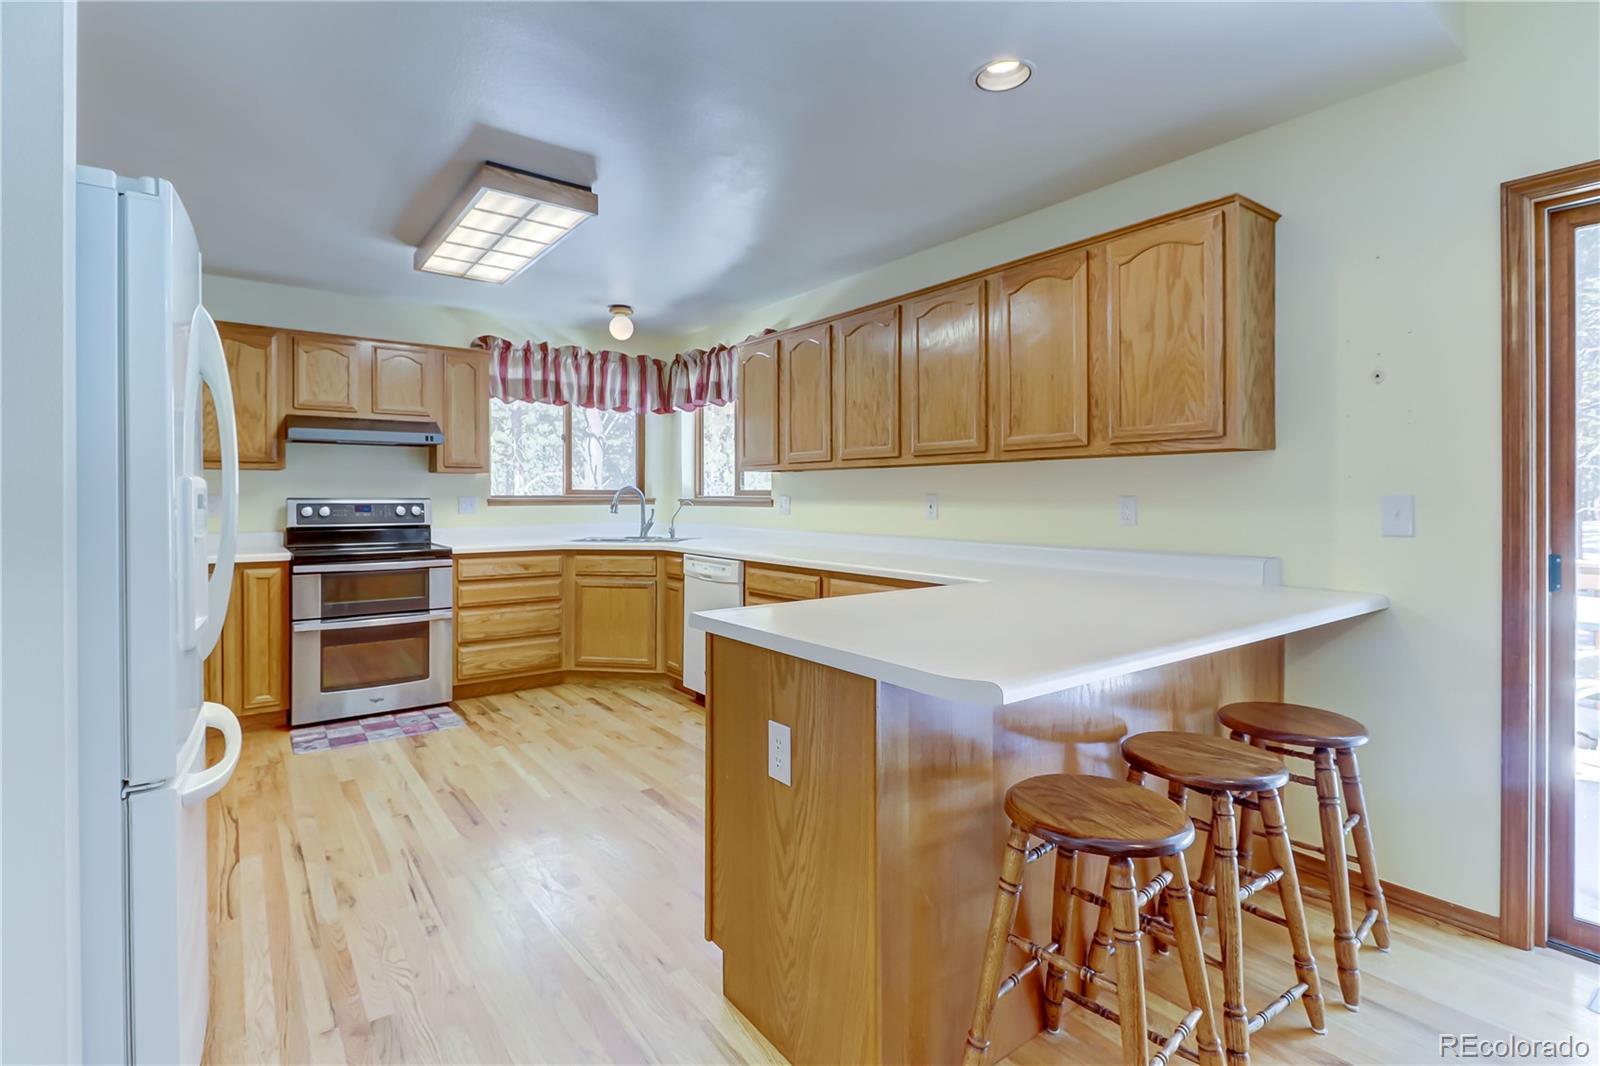 MLS# 9506702 - 9 - 8180 Tannenbaum Road, Colorado Springs, CO 80908